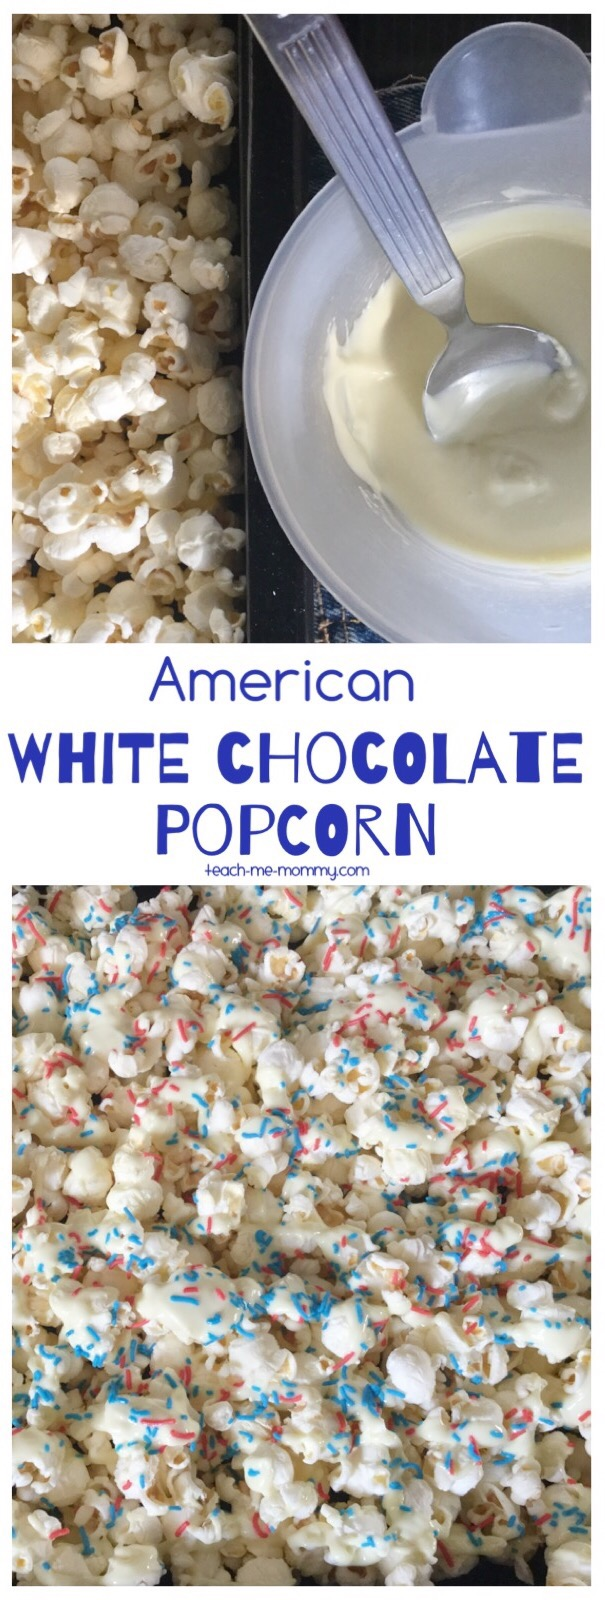 white chocolate popcorn